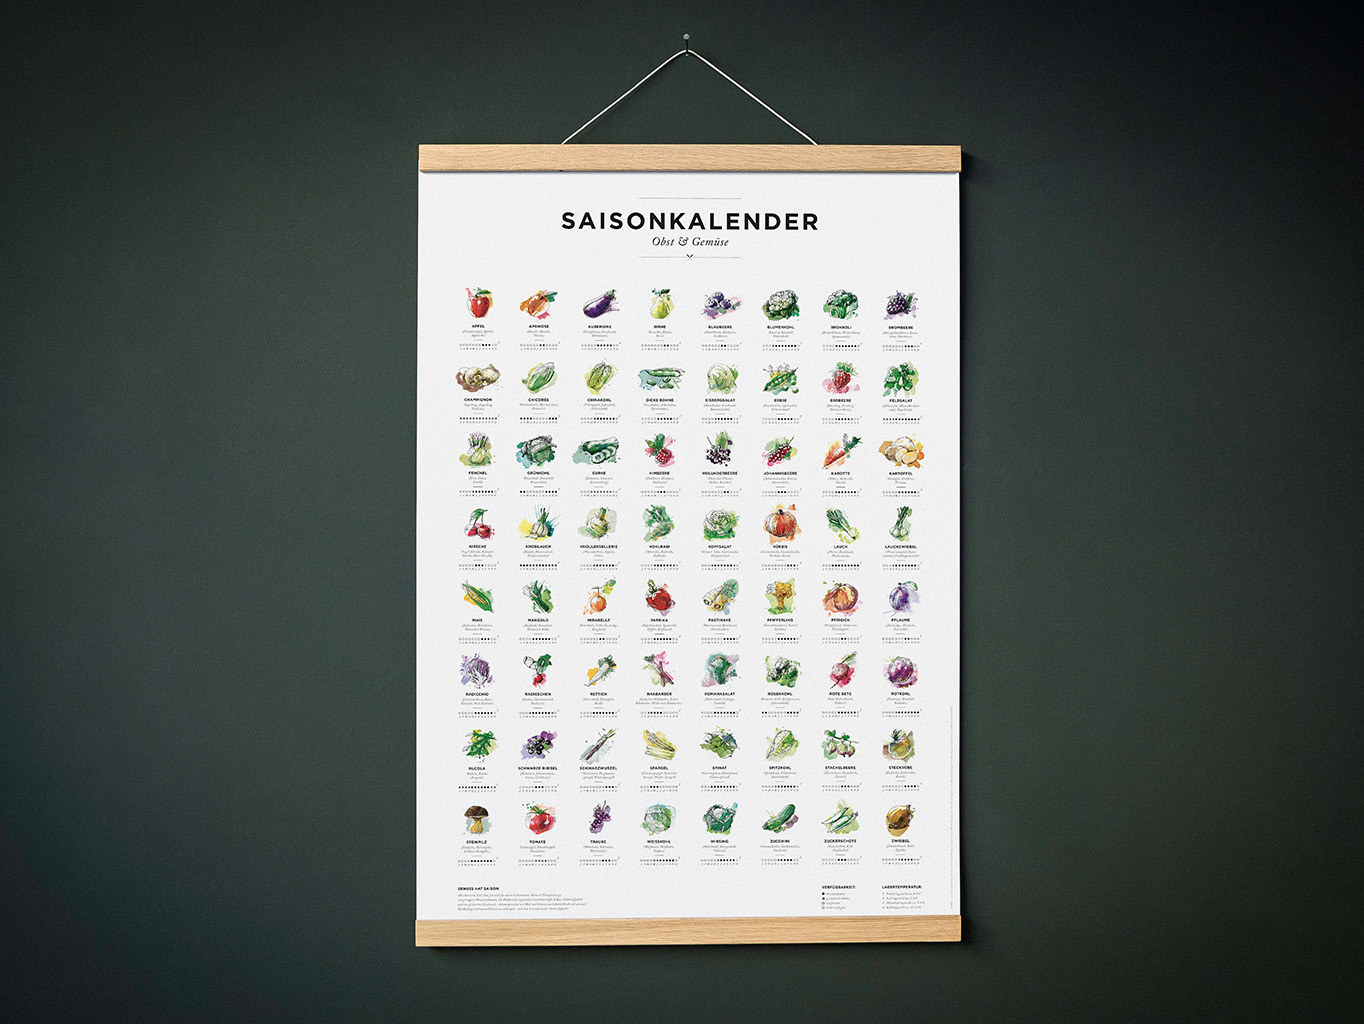 Saisonkalender für Obst & Gemüse in Farbe